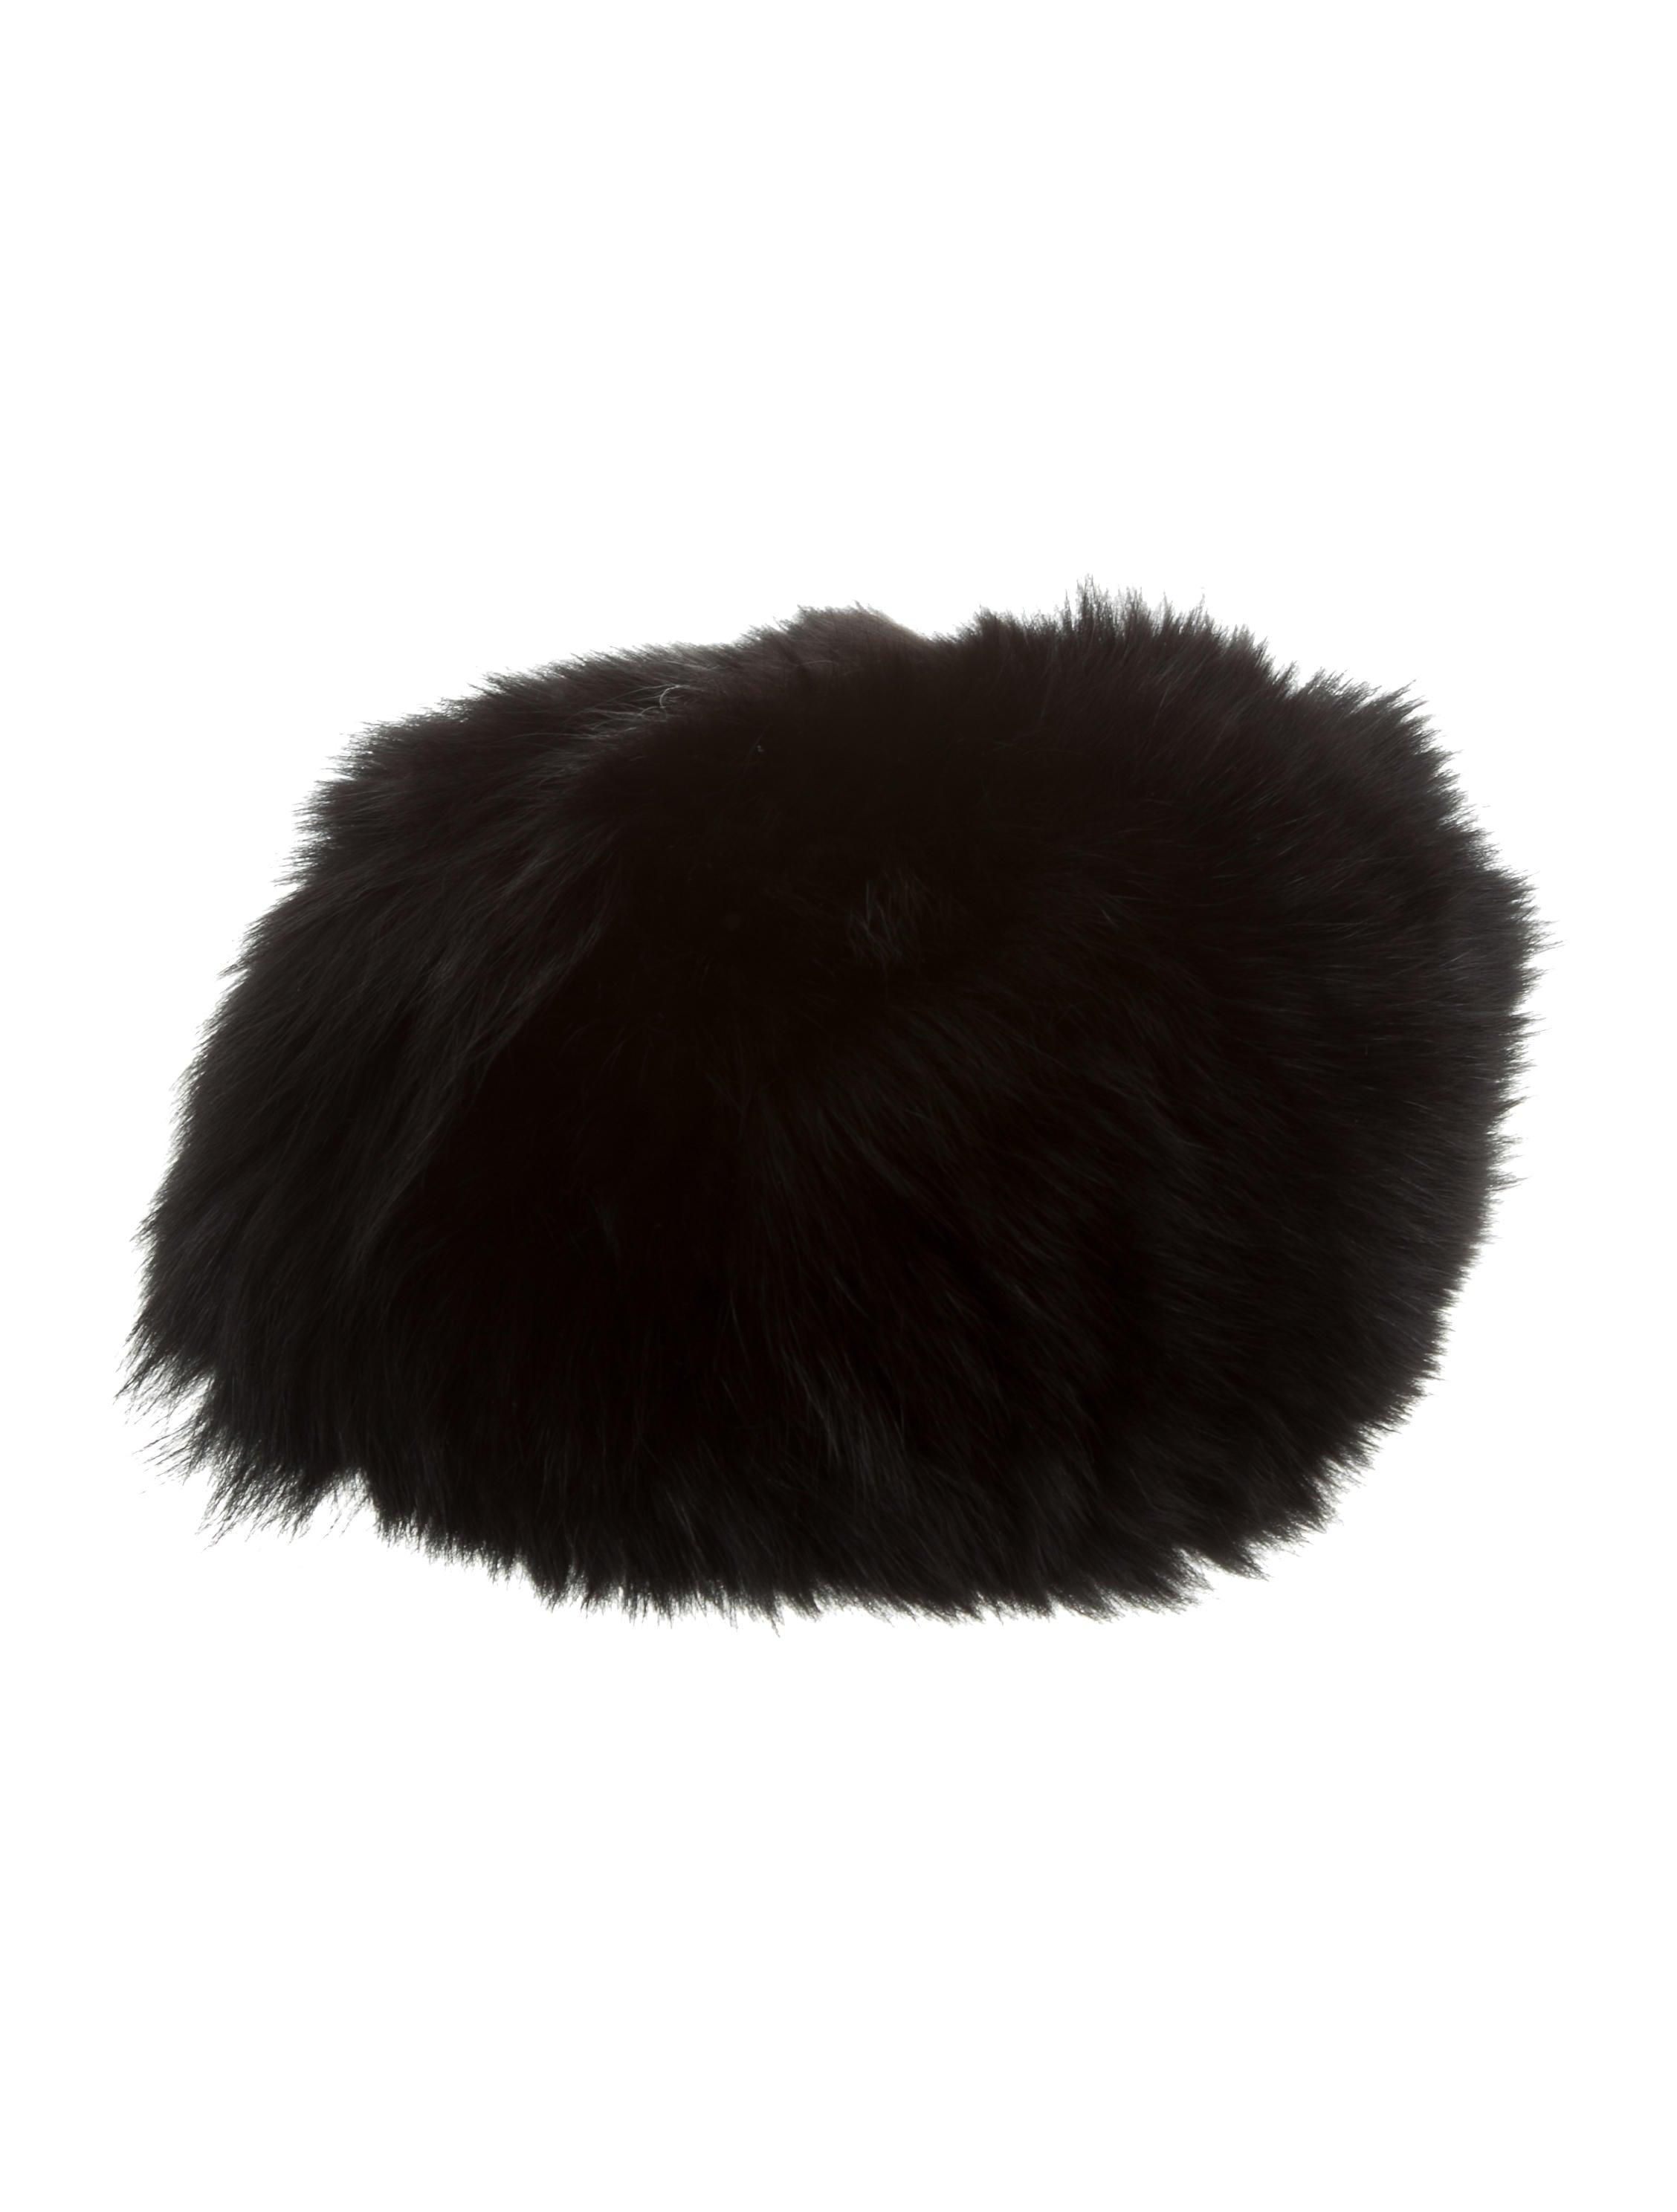 Louis Vuitton Fox Fur Hat - Accessories - LOU114966  99d627d6e47